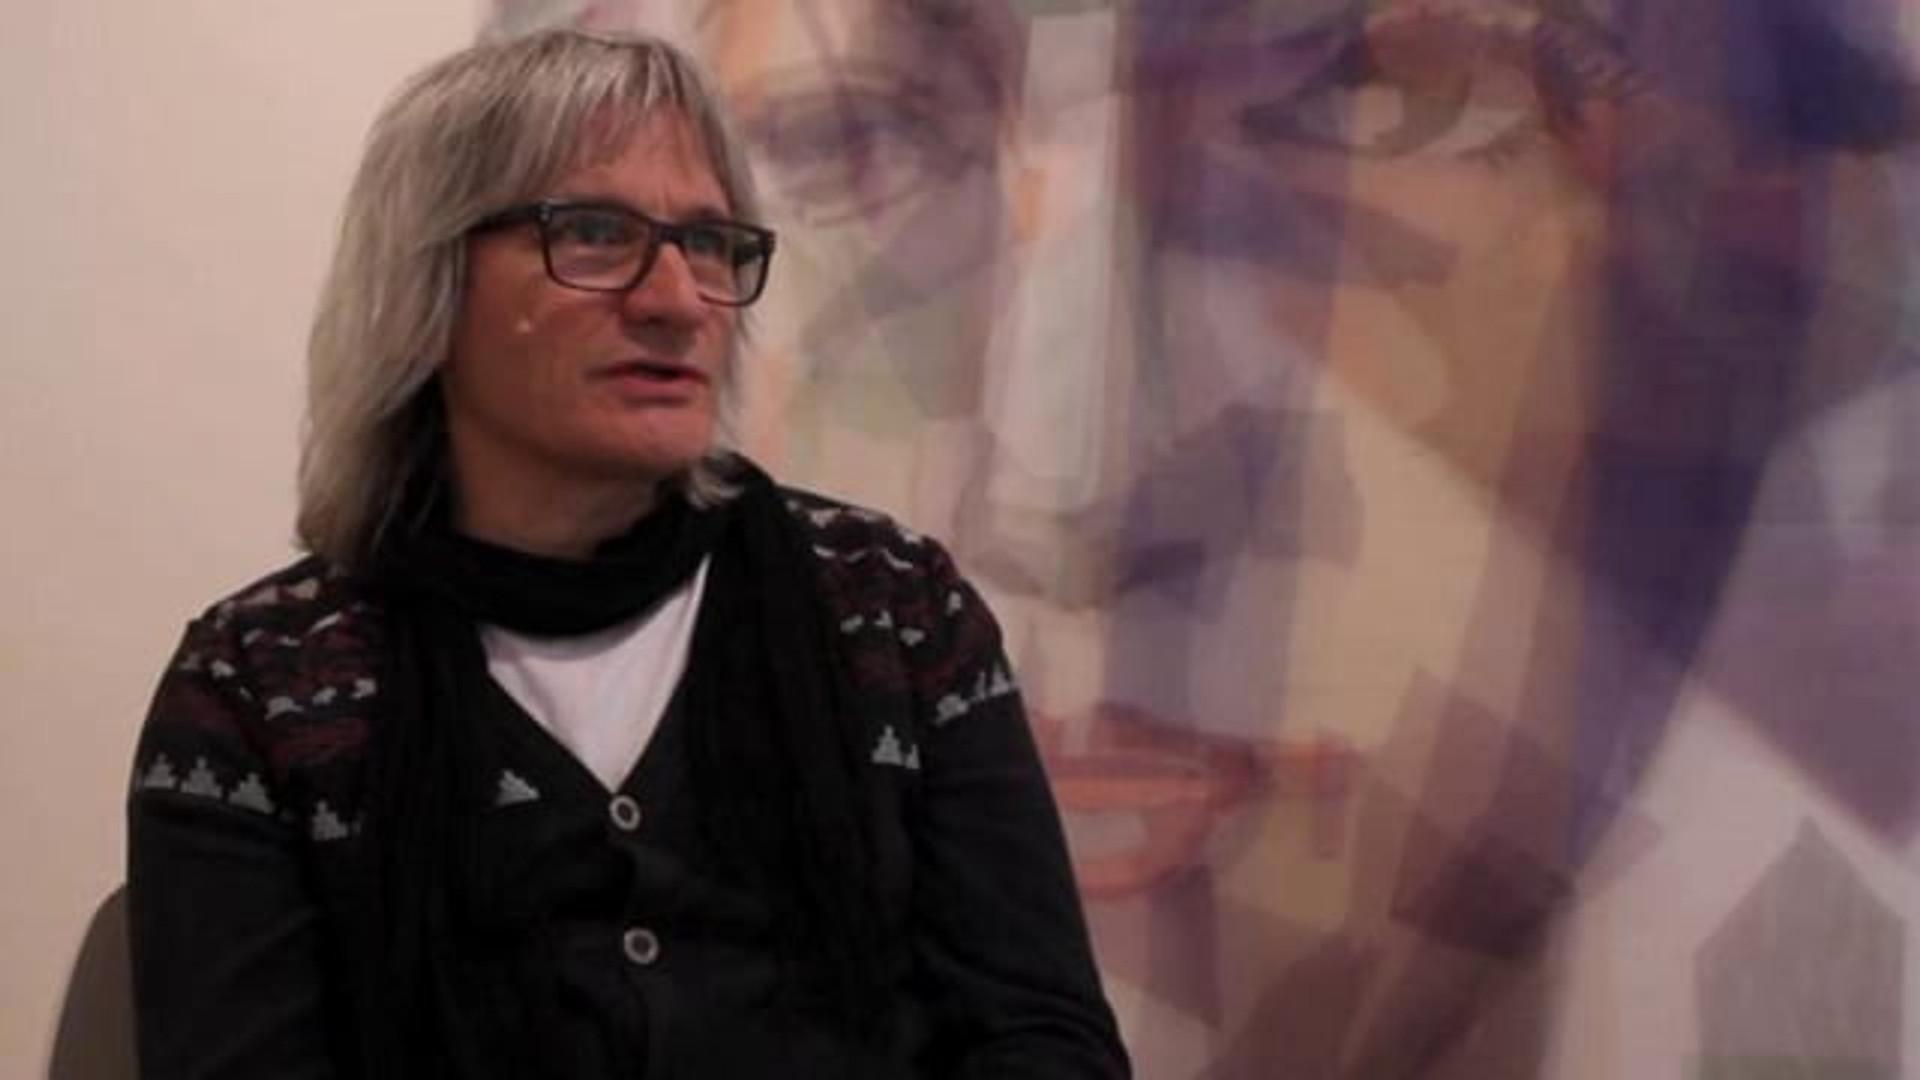 İrfan Önürmen Interview. Solo Exhibition 5.4.12 - 6.30.12